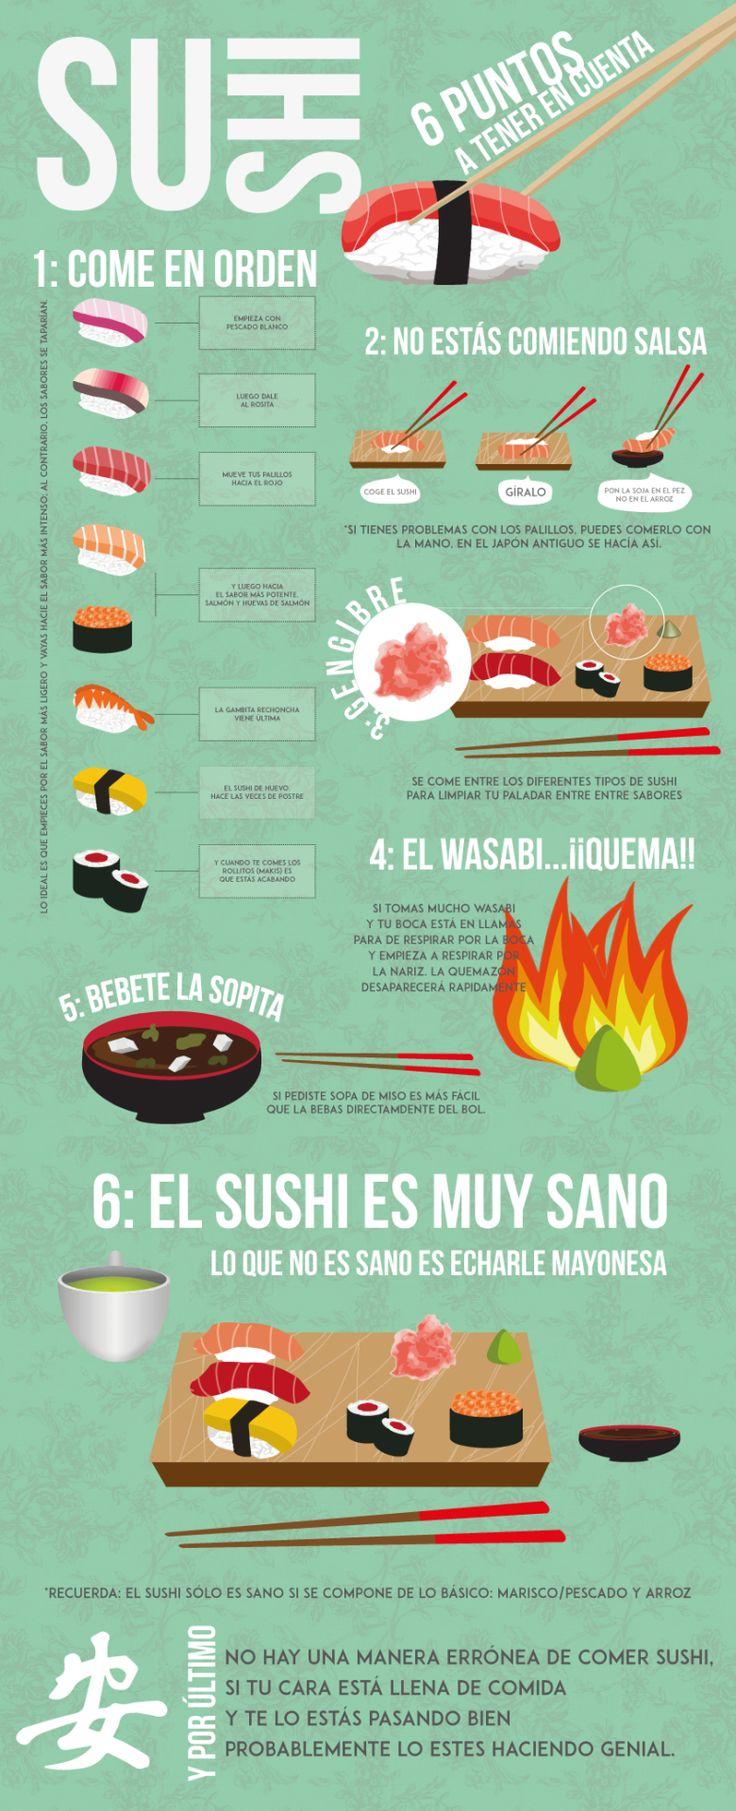 Infografía sobre sushi.